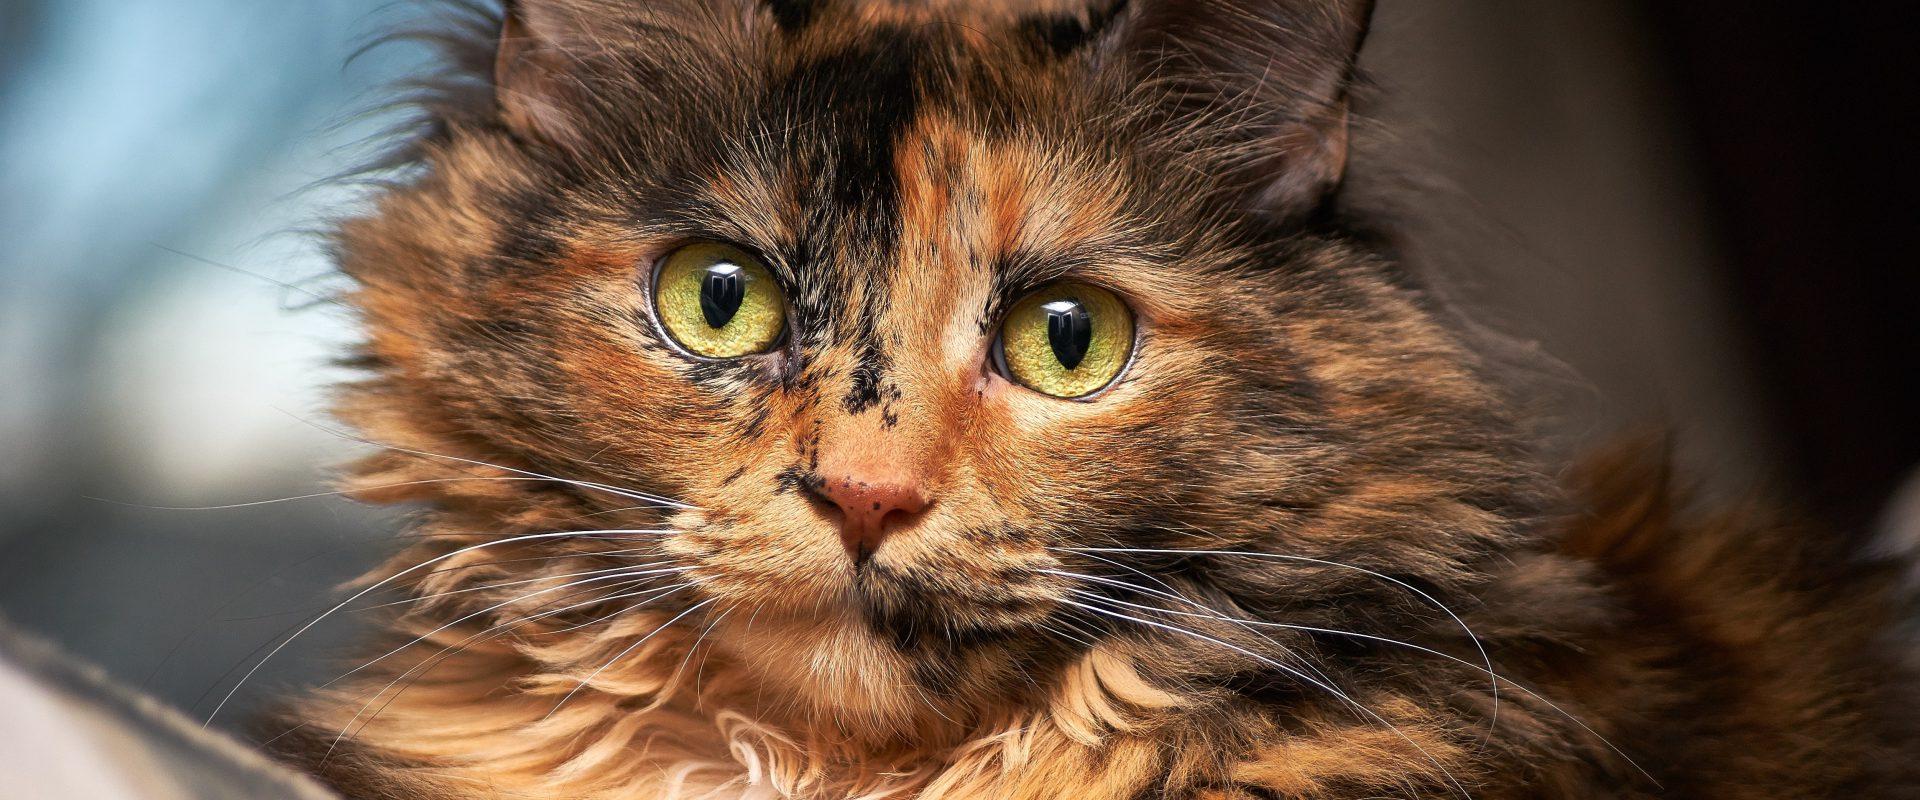 Permalink auf:Ablauf Tierkommunikation